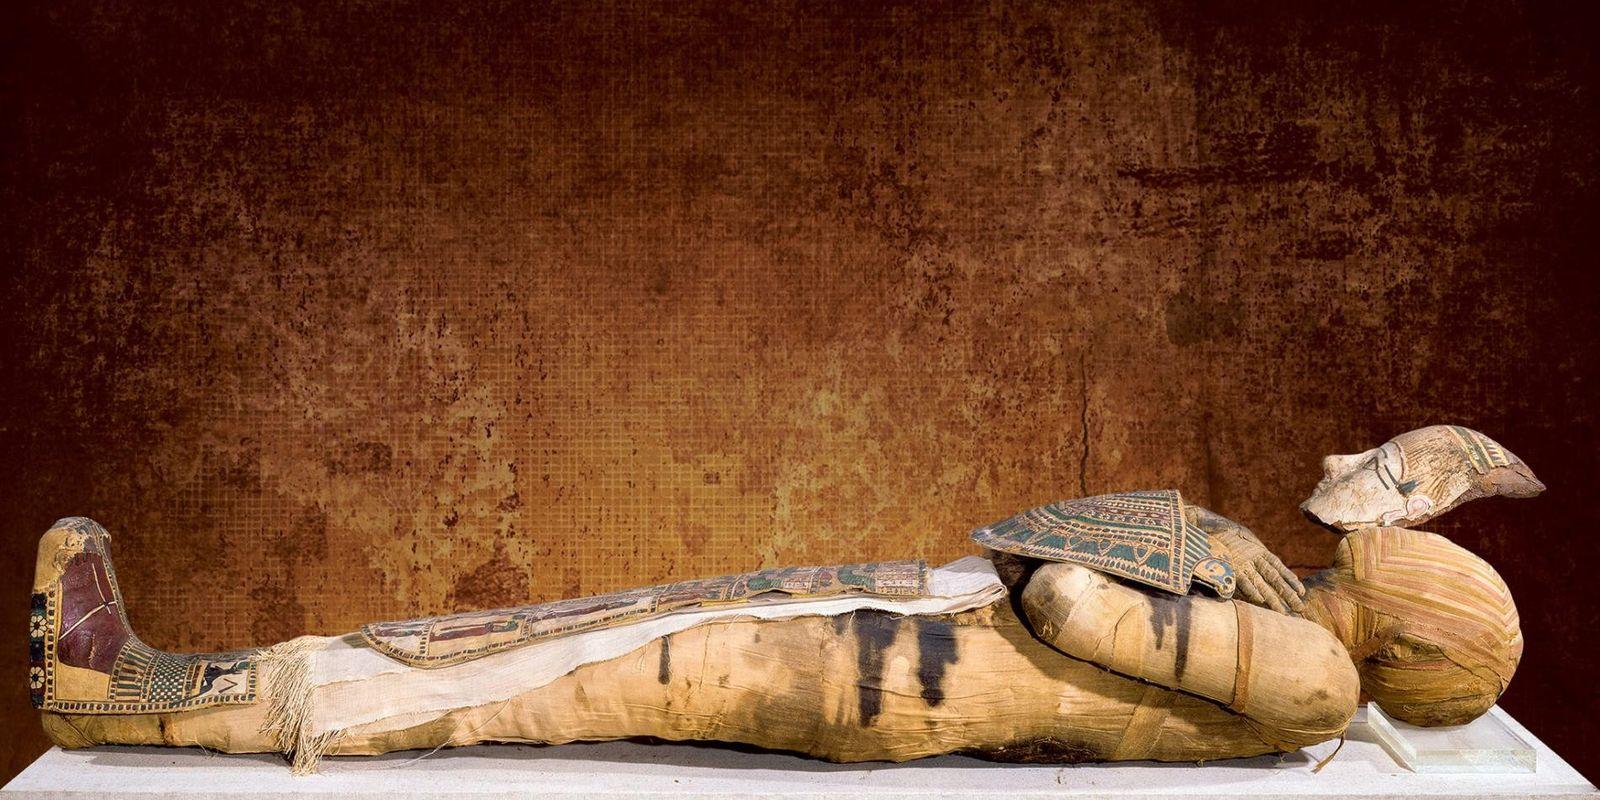 Égypte antique : comment momifier un cadavre en 70 jours (ou moins) ?